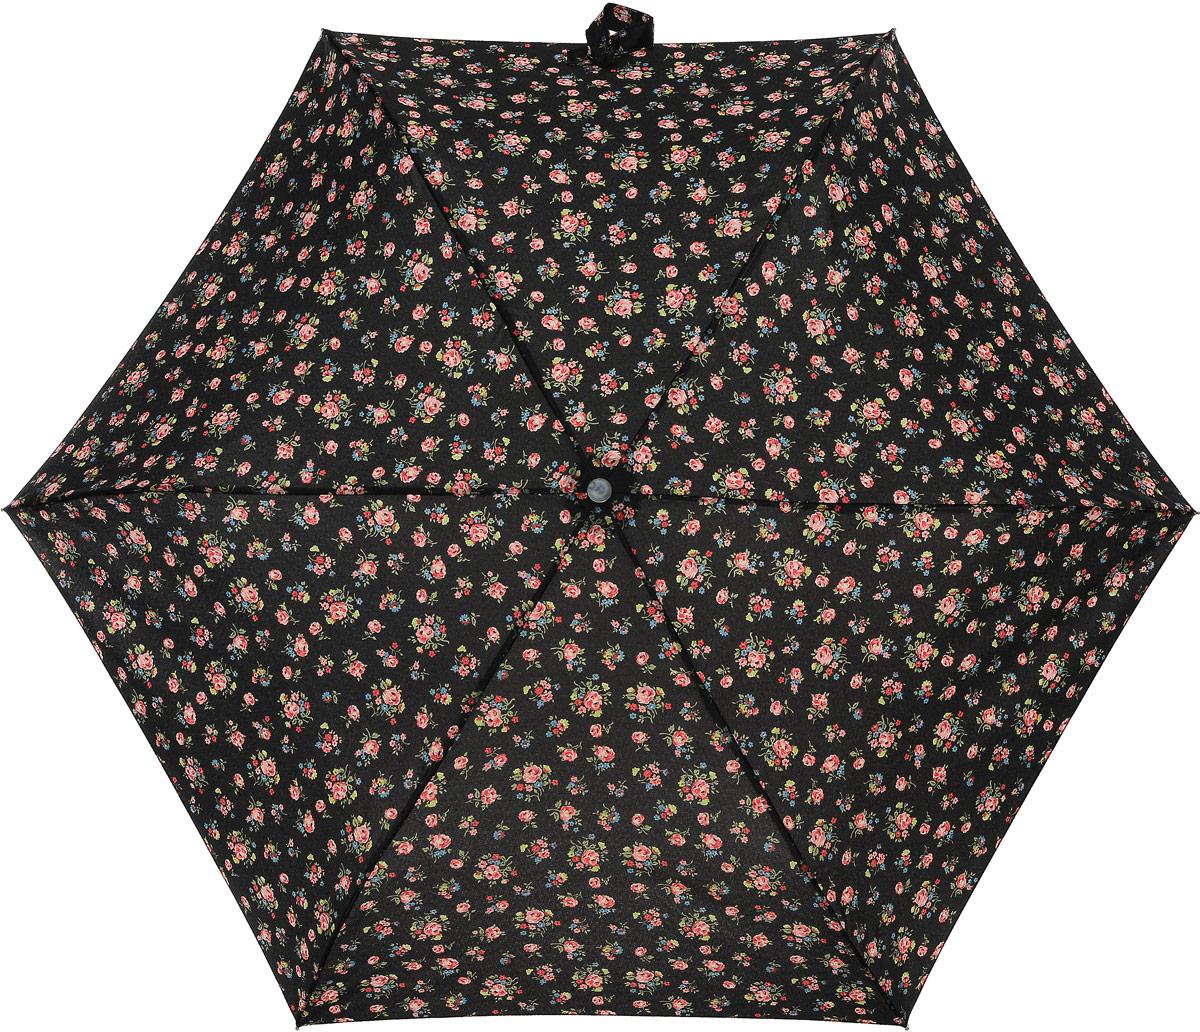 Зонт женский Cath Kidston Minilite, механический, 3 сложения, цвет: черный, мультиколор. L768-2652L768-2652 KewSprigCharcoleСтильный механический зонт Cath Kidston Minilite в 3 сложения даже в ненастную погоду позволит вам оставаться элегантной. Облегченный каркас зонта выполнен из 8 спиц из фибергласса и алюминия, стержень также изготовлен из алюминия, удобная рукоятка - из пластика. Купол зонта выполнен из прочного полиэстера. В закрытом виде застегивается хлястиком на липучке. Яркий оригинальный цветочный принт поднимет настроение в дождливый день. Зонт механического сложения: купол открывается и закрывается вручную до характерного щелчка. На рукоятке для удобства есть небольшой шнурок, позволяющий надеть зонт на руку тогда, когда это будет необходимо. К зонту прилагается чехол с небольшой нашивкой с названием бренда. Oaeie зонт компактно располагается в кармане, сумочке, дверке автомобиля.